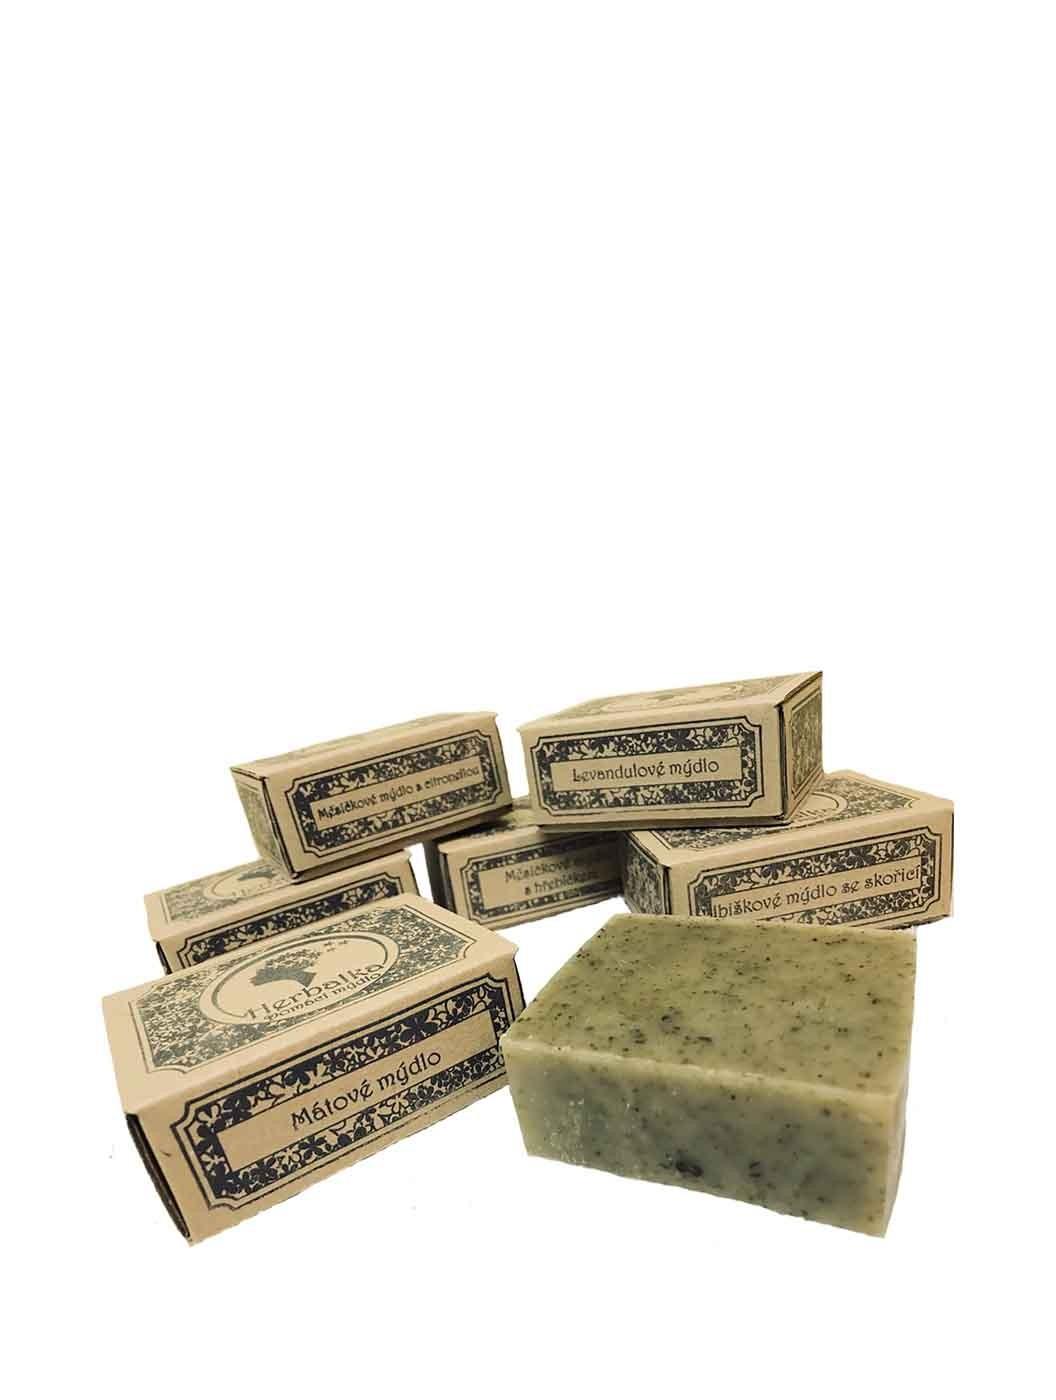 Herbalka - Šampónová mýdla